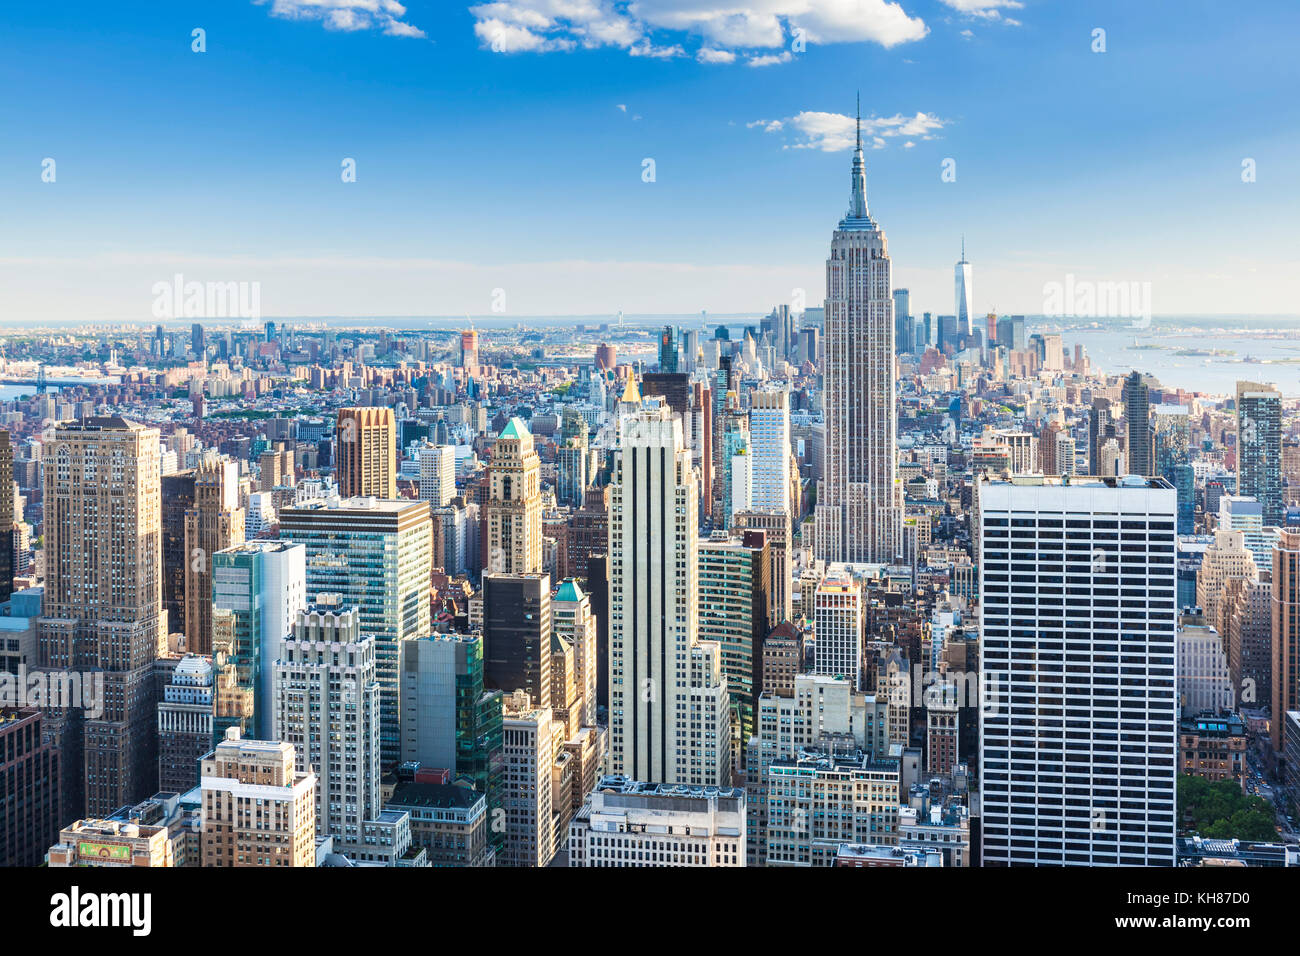 Skyline von Manhattan, New York Skyline, das Empire State Building, New York City, Vereinigte Staaten von Amerika, Stockbild